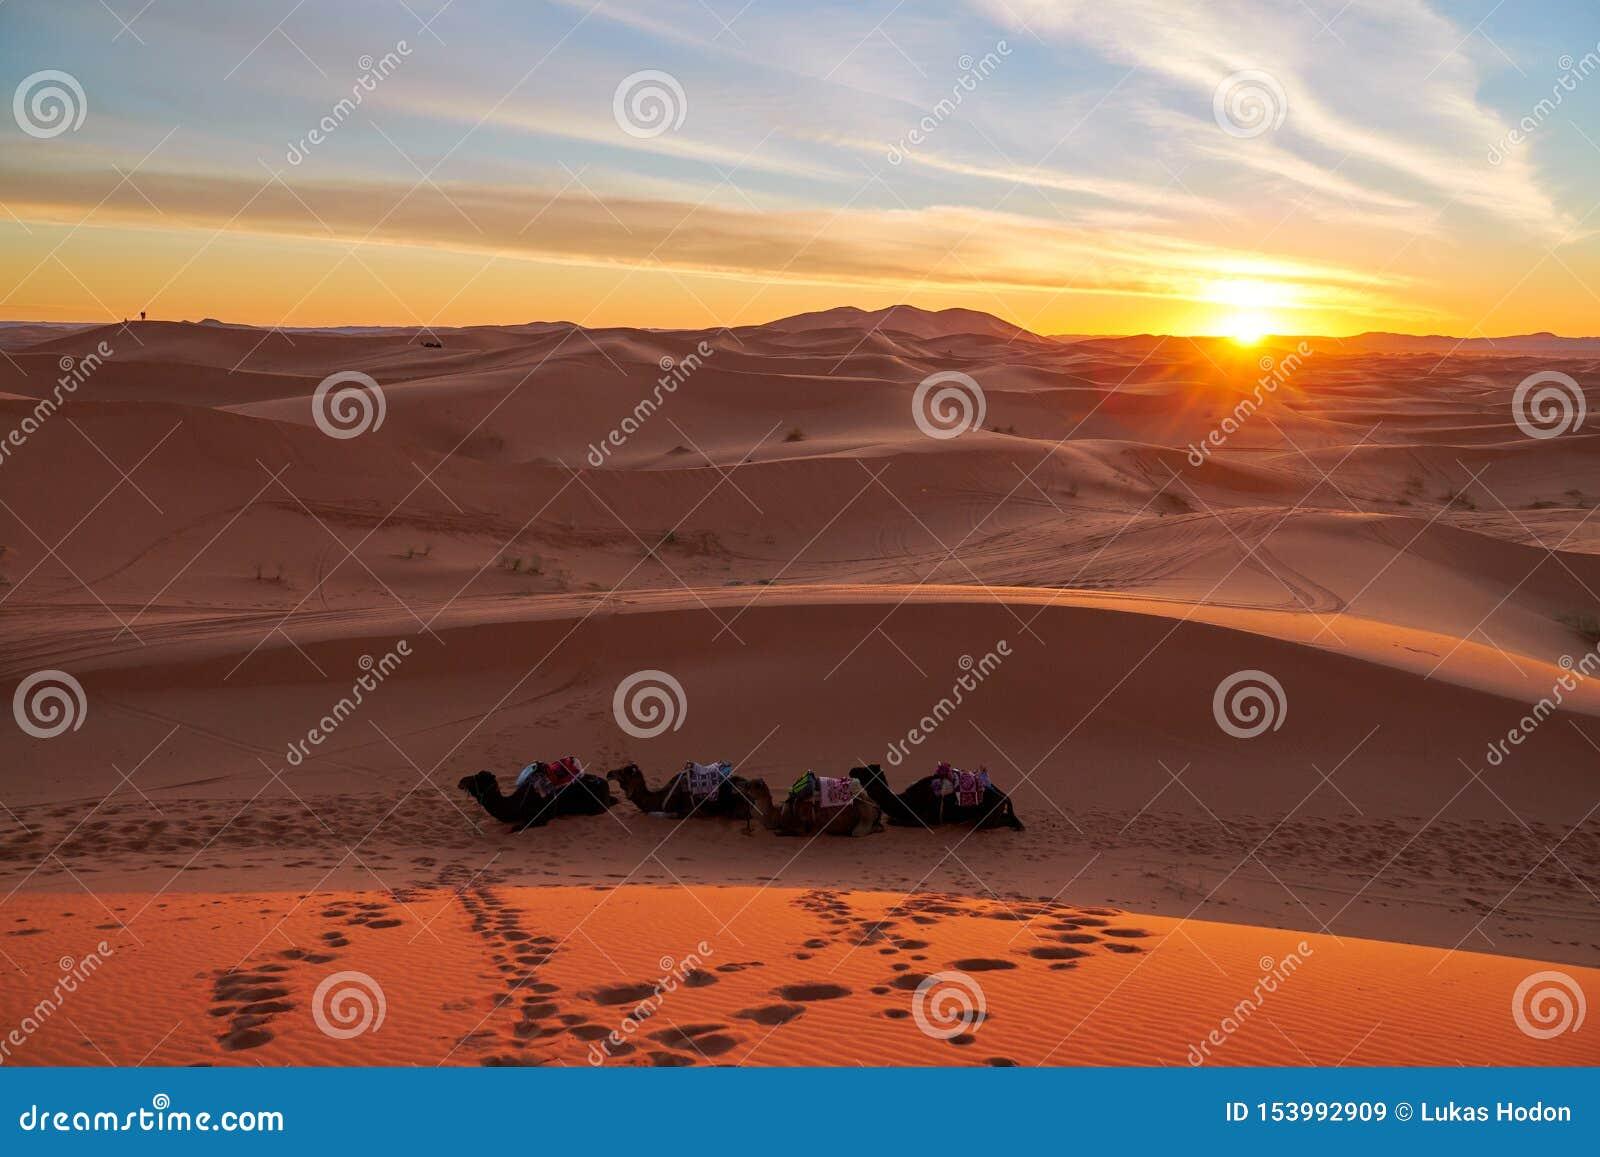 Sonnenuntergang in der Wüste mit Kamelen